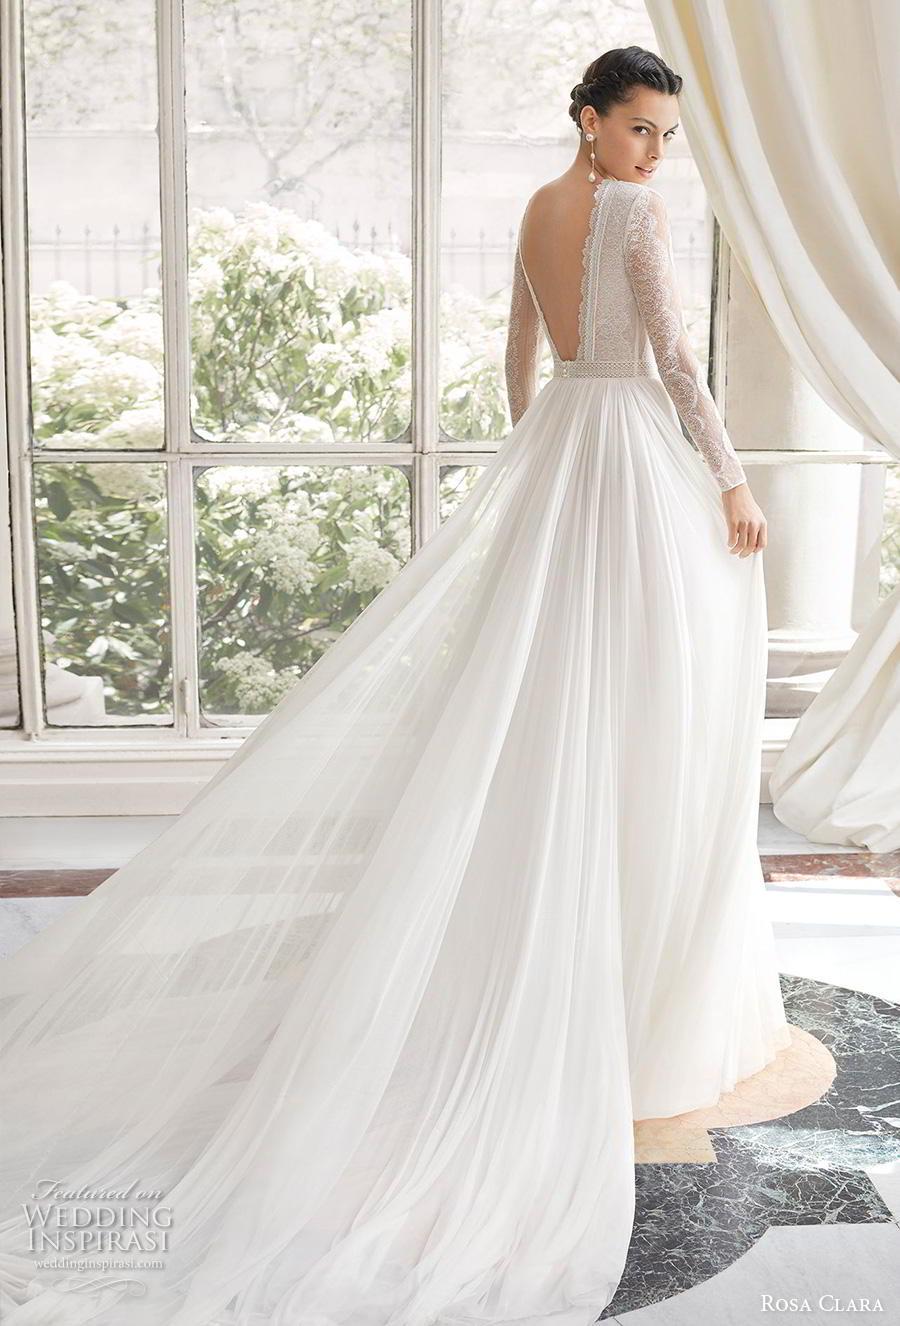 rosa clara 2019 couture bridal long bishop sleeves jewel neck heavily embellished bodice elegant soft a  line wedding dress backless v back chapel train (4) bv